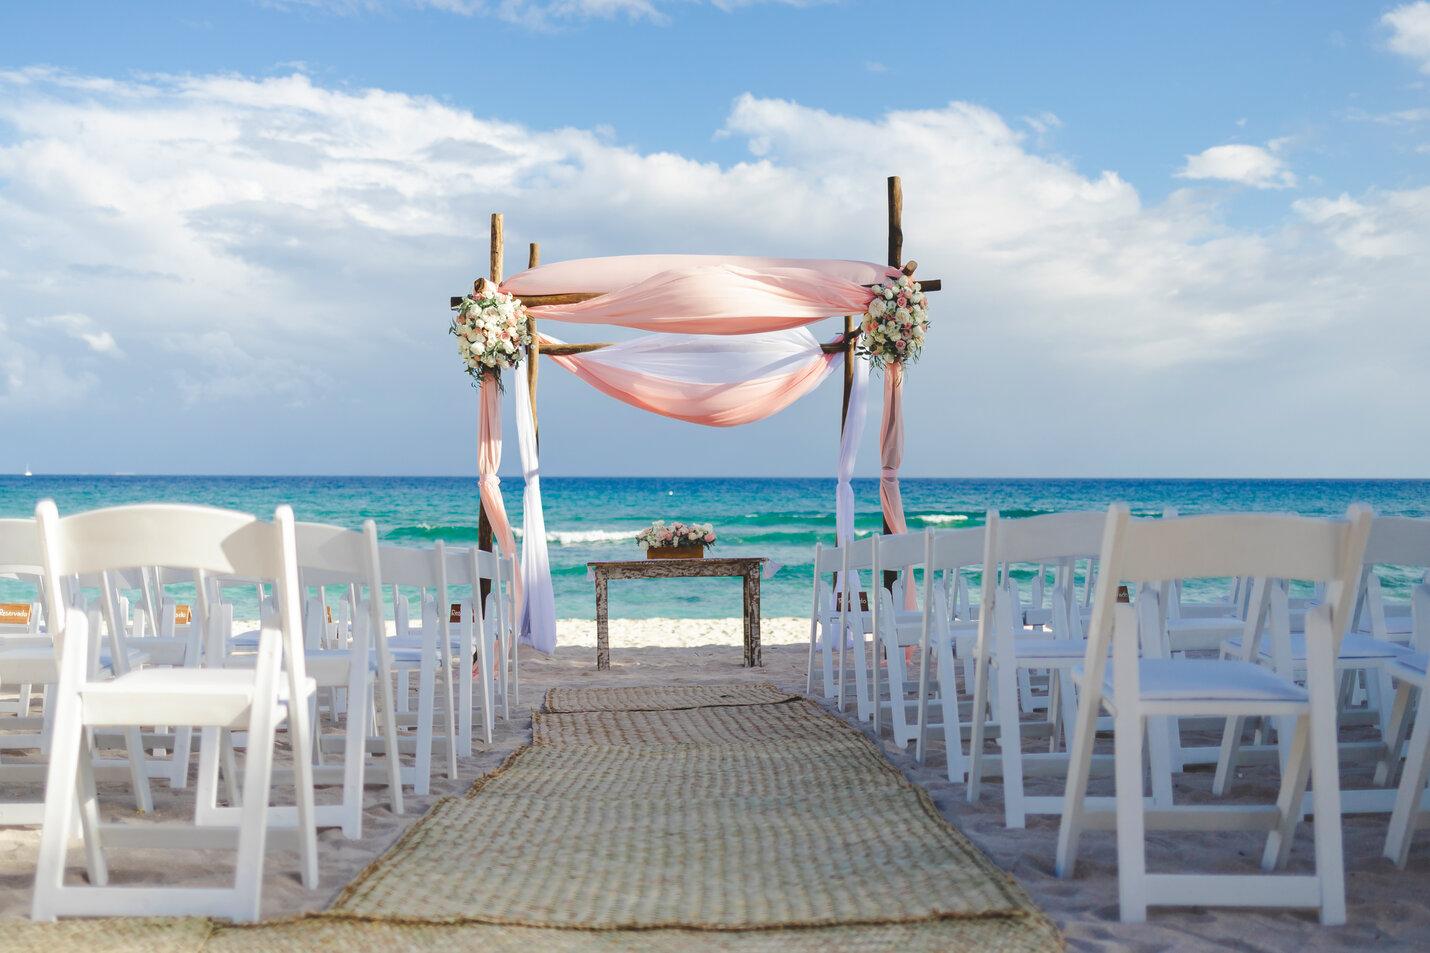 Hosting a destination wedding